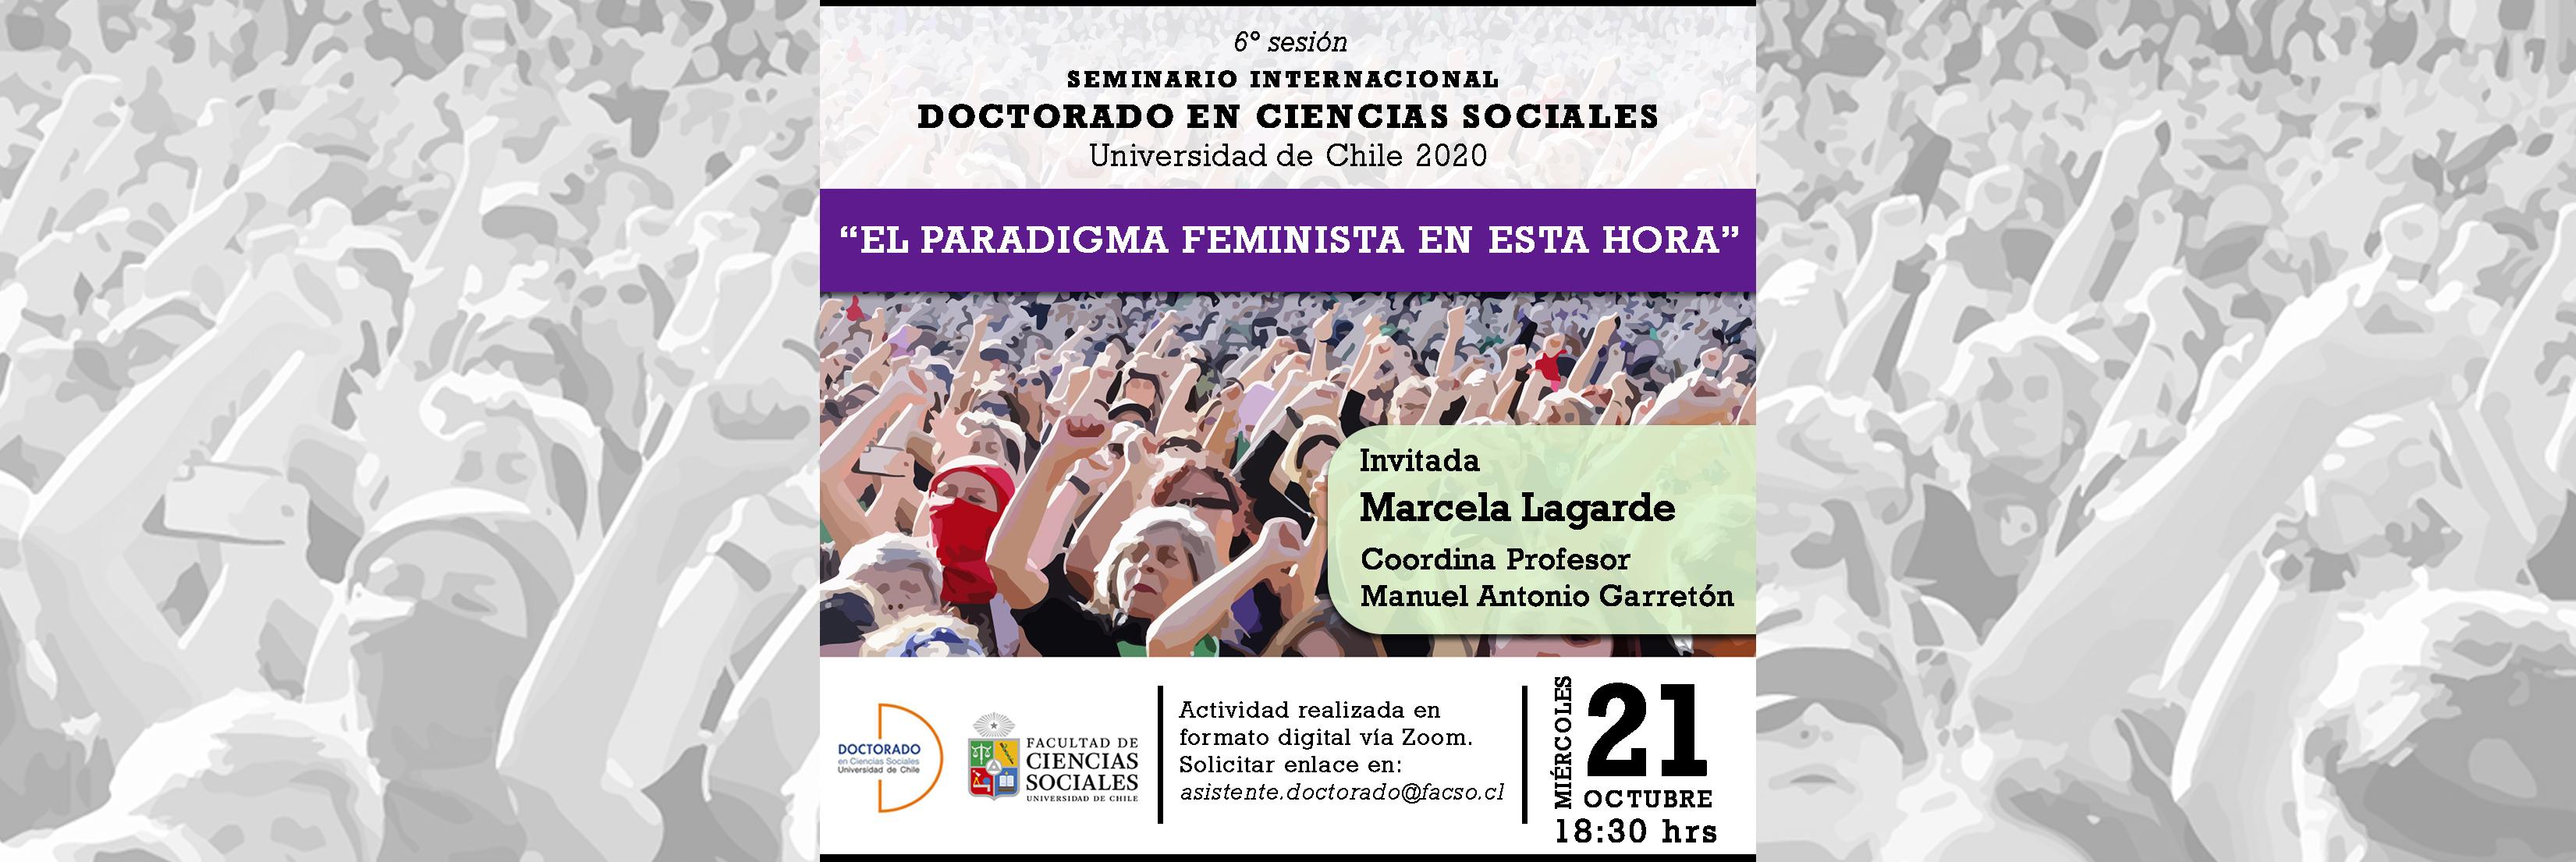 6ta sesión Seminario Internacional 2020